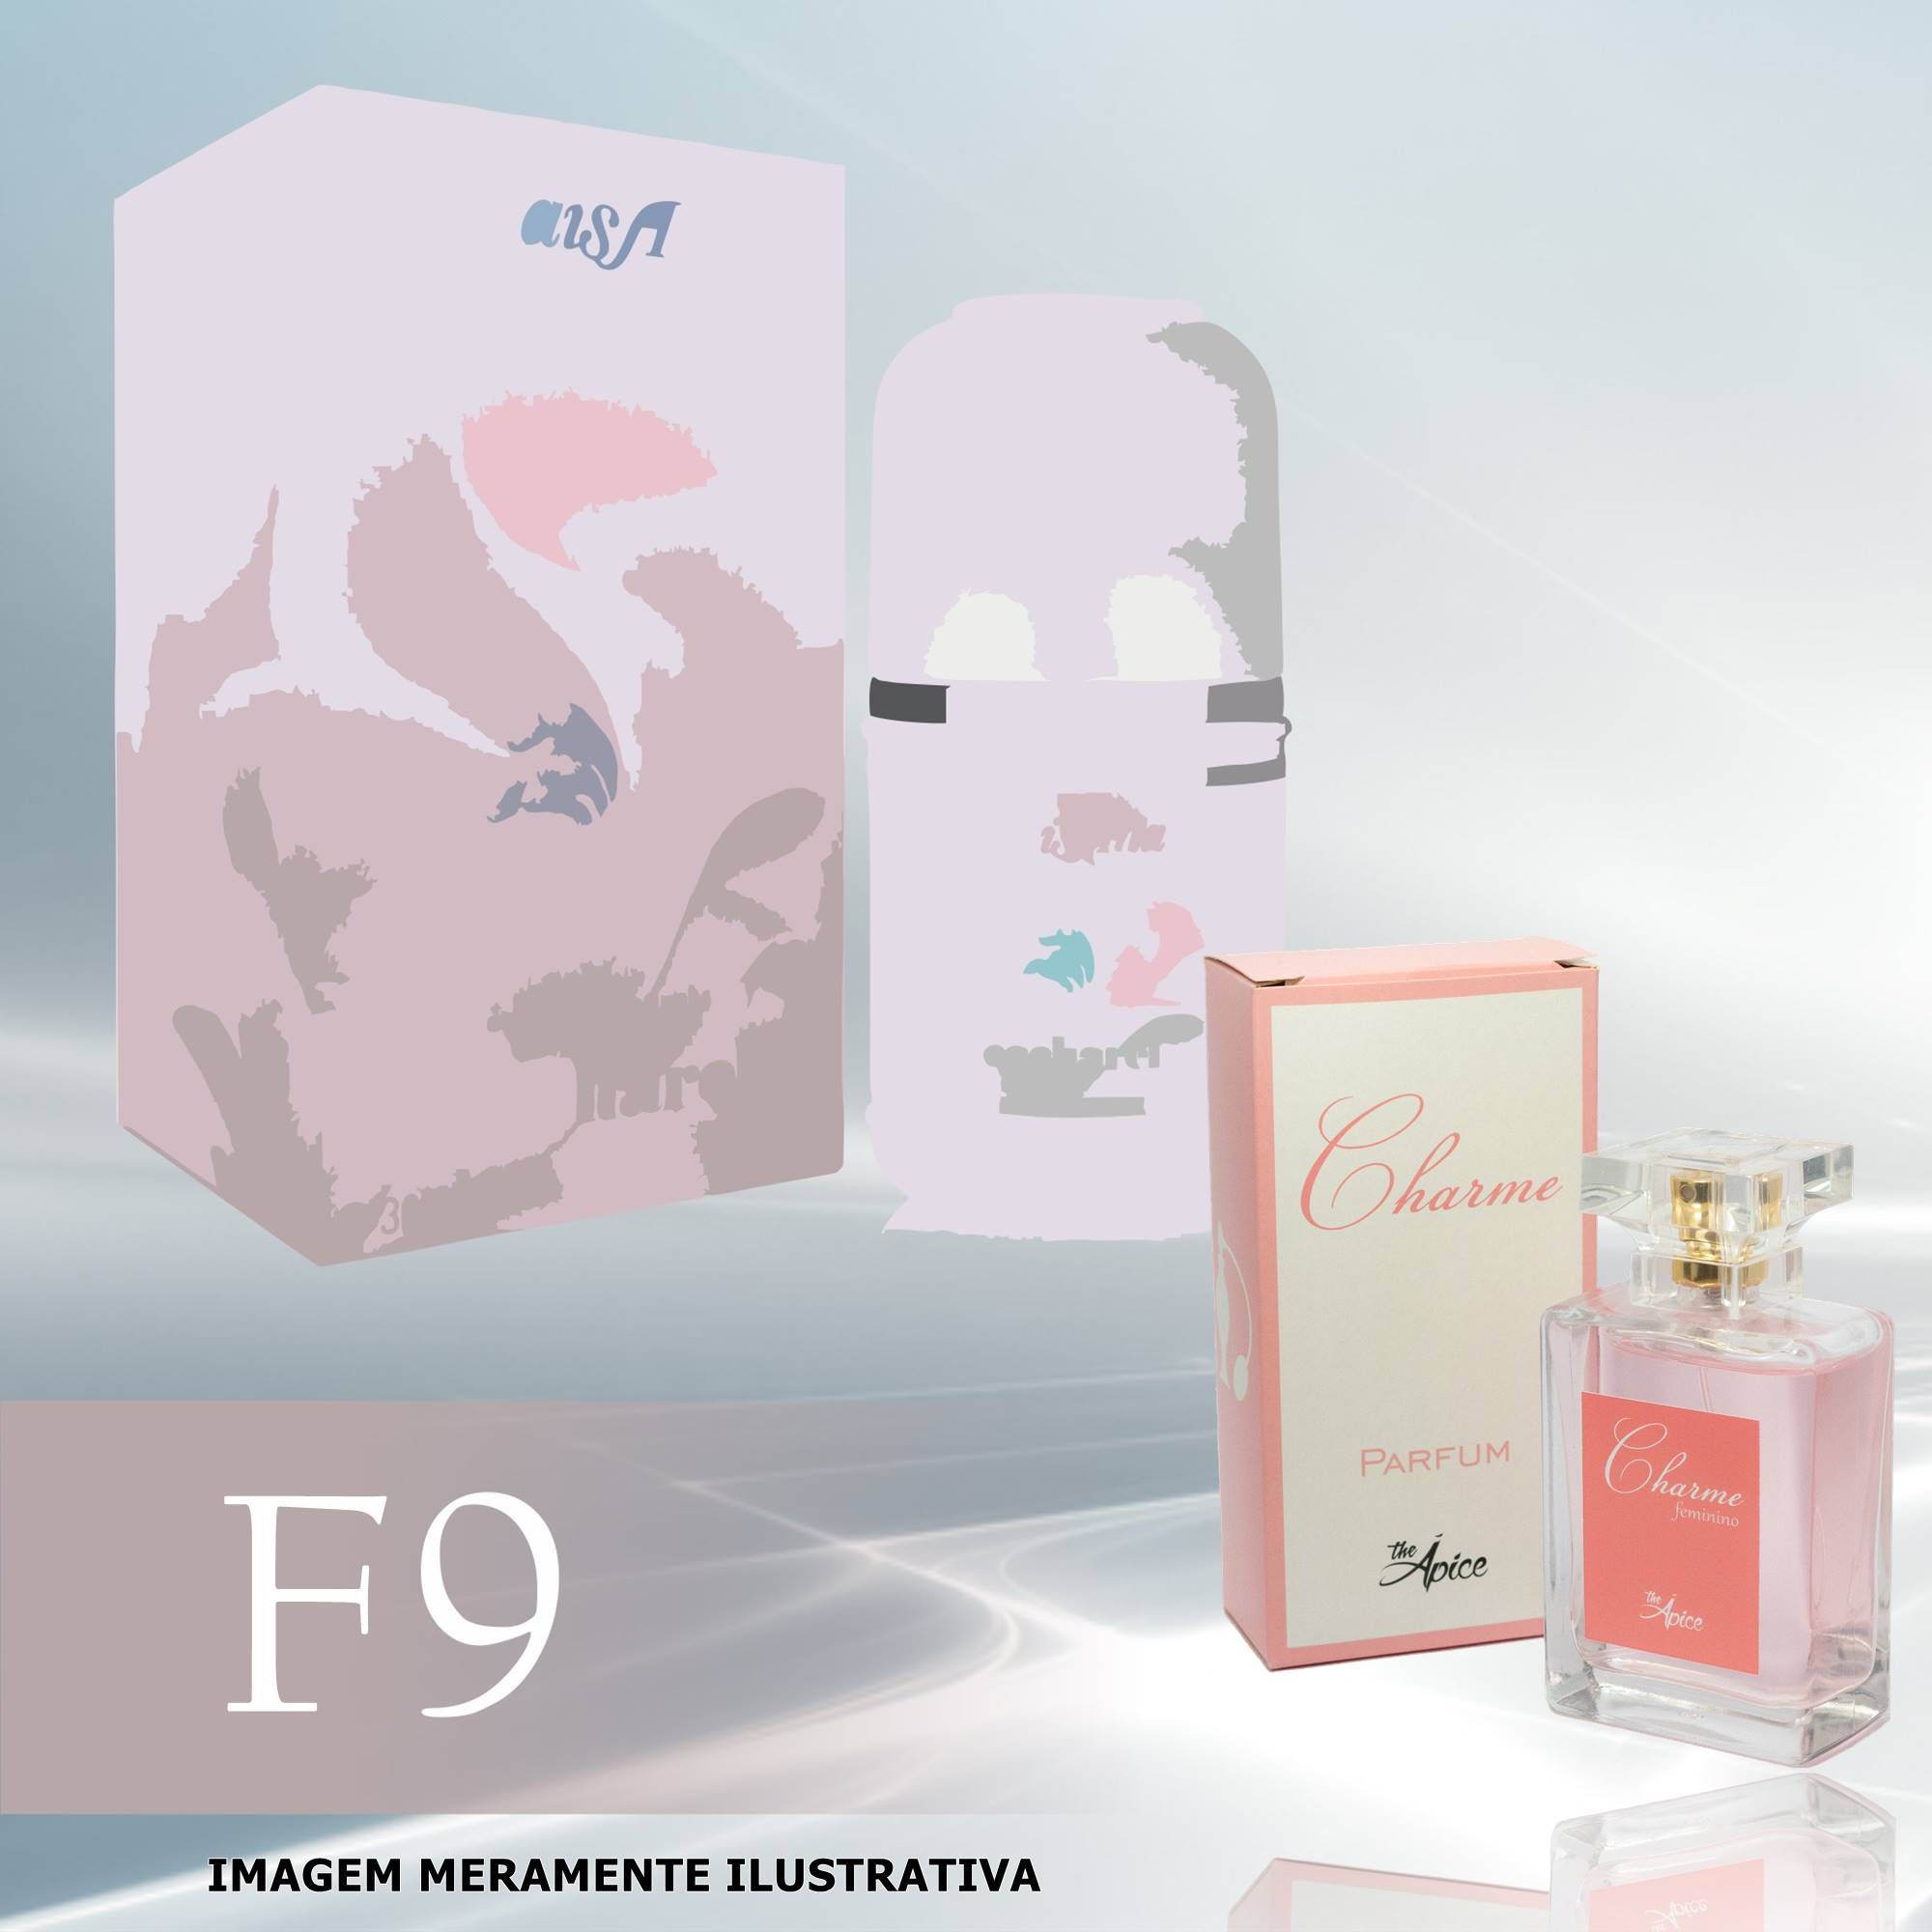 Perfume F9 Inspirado no Anais Anais da Cacharel Feminino